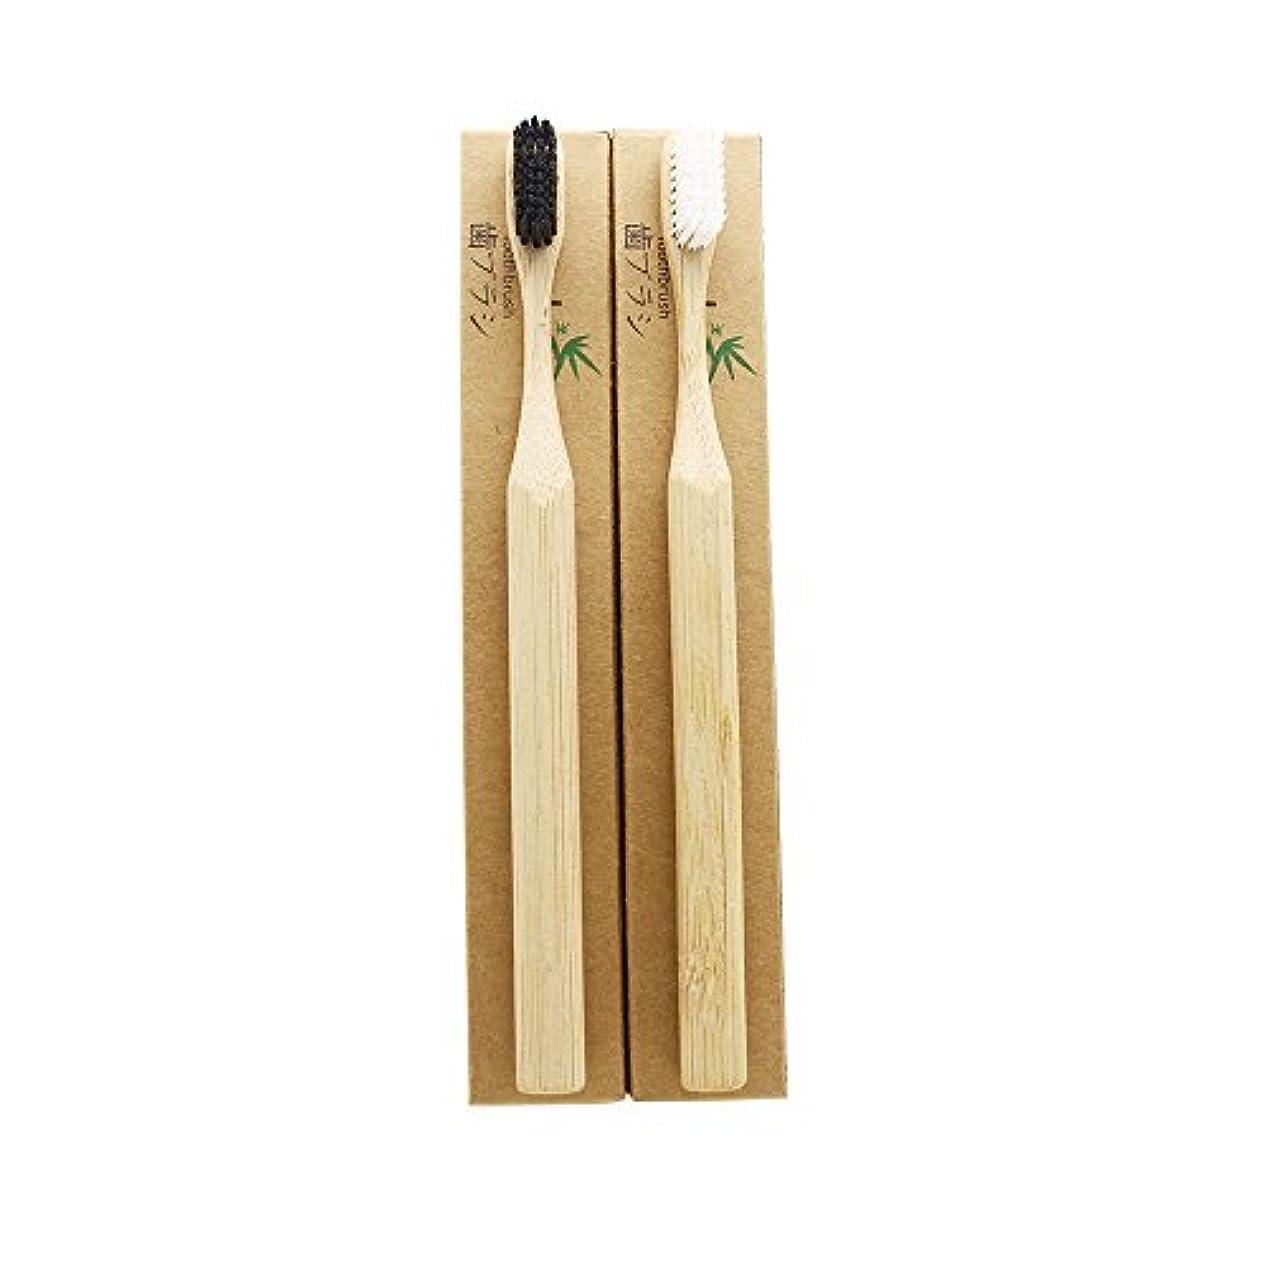 幾分天気ラジウムN-amboo 竹製 歯ブラシ 高耐久性 白と黒 セット エコ 丸いハンドル (2本)